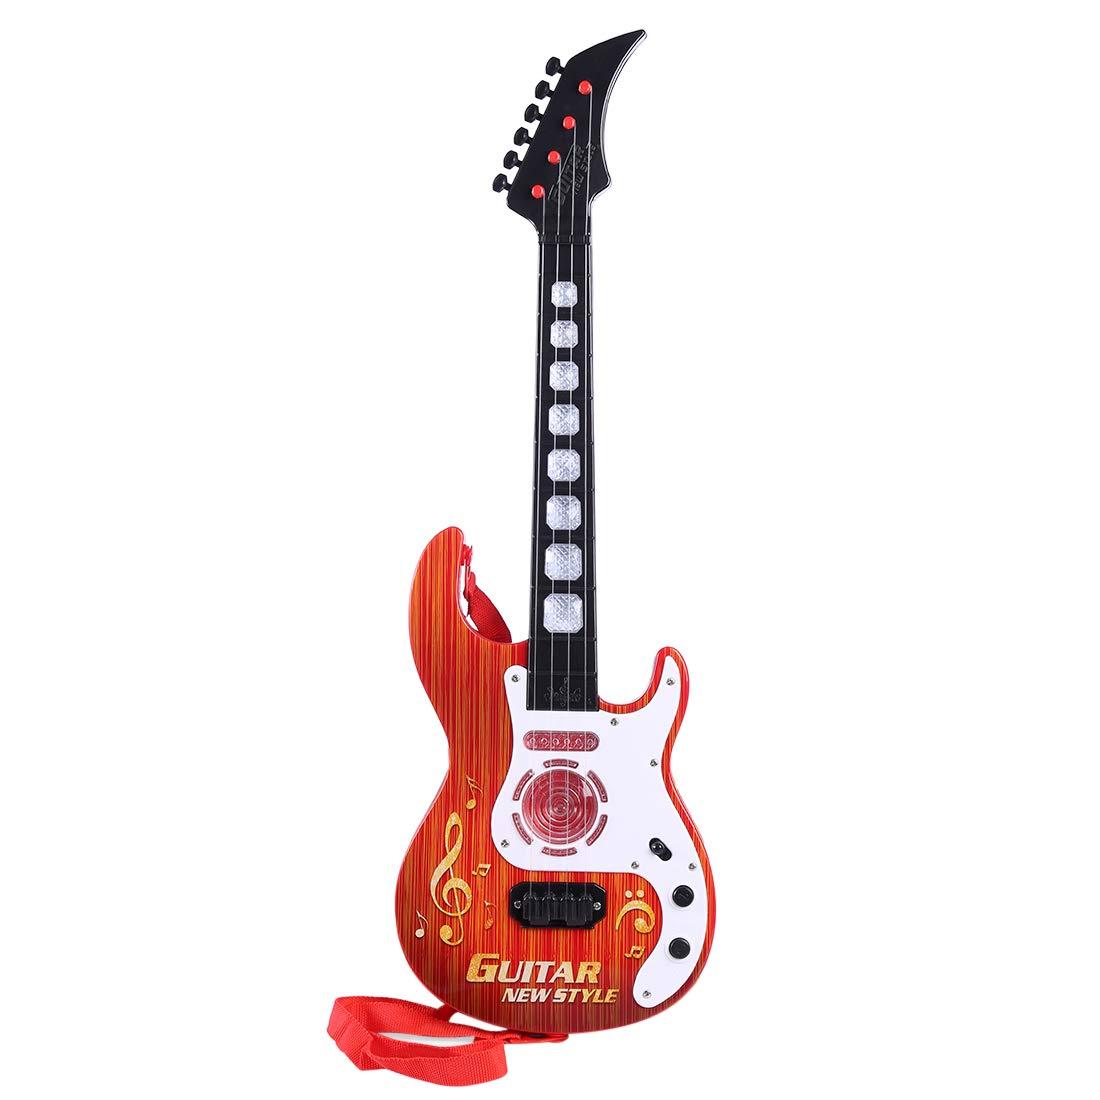 MRKE Guitarra Electrica Niños 53cm 4 Cuerdas Rock Juguete de Instrumentos Musicales Guitarra Regalo con LED Luces para Infantil Niño y Niña 3-8 Años: ...